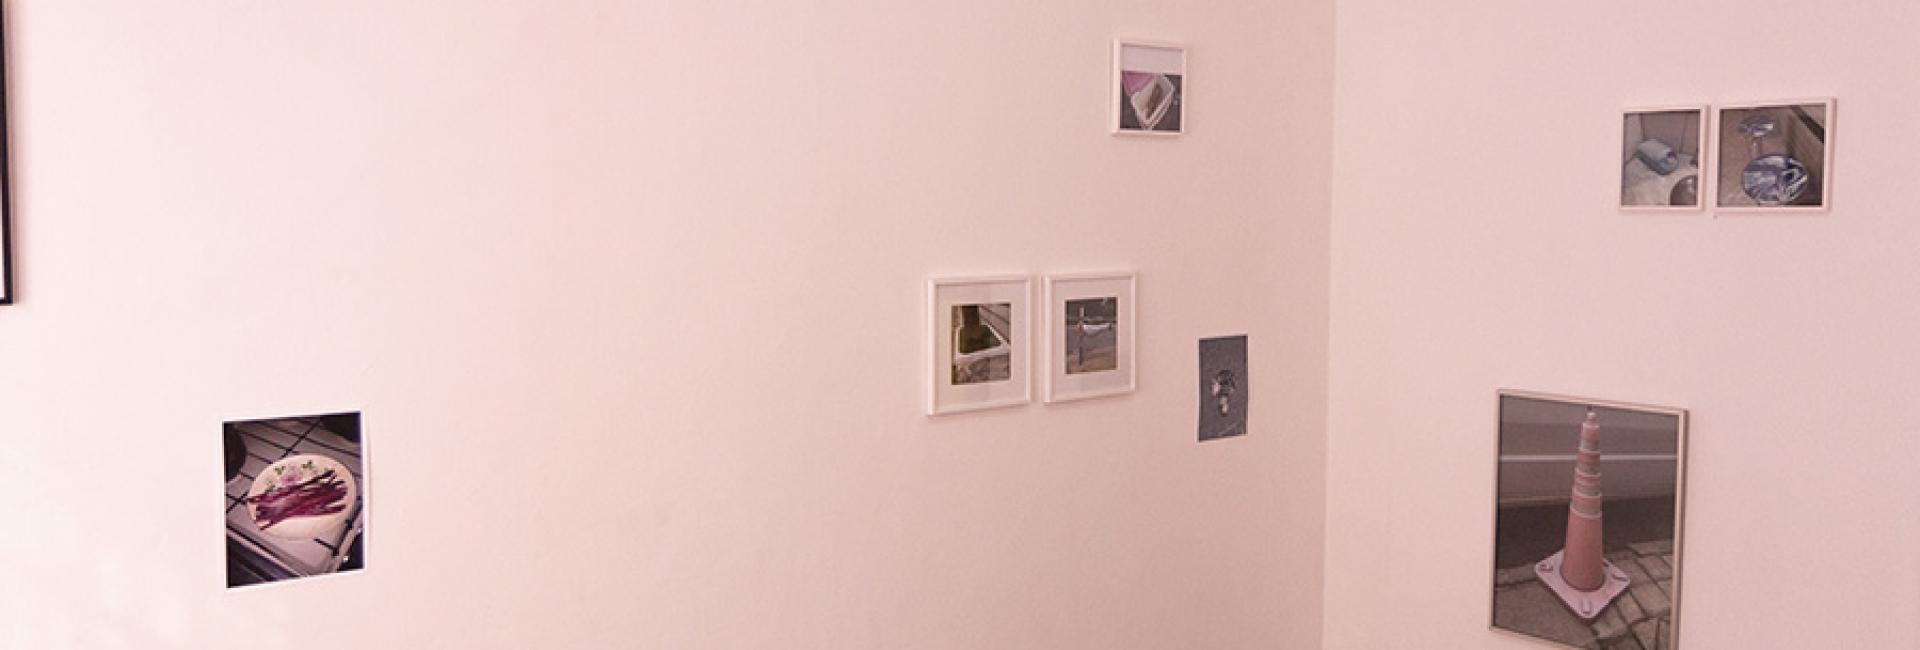 GIRO Circuito de Galerías de Arte |  3º edición  - Galeria Crudo